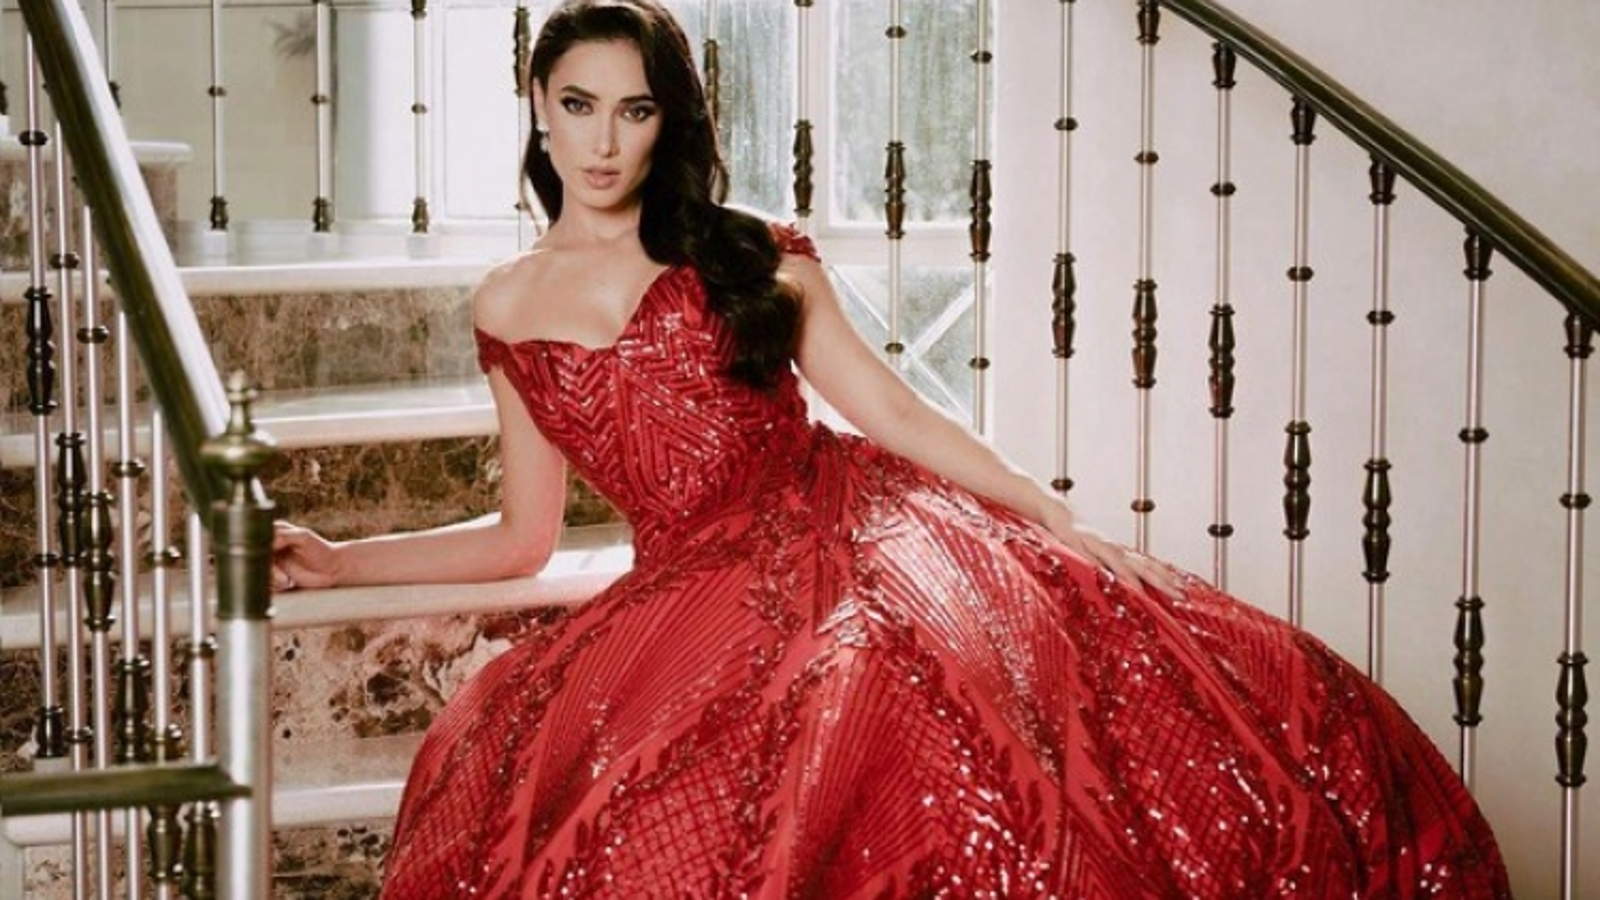 """Nhan sắc ngọt ngào của Hoa hậu Mexico - """"Đối thủ"""" đáng gờm của Đỗ Thị Hà tại Miss World"""